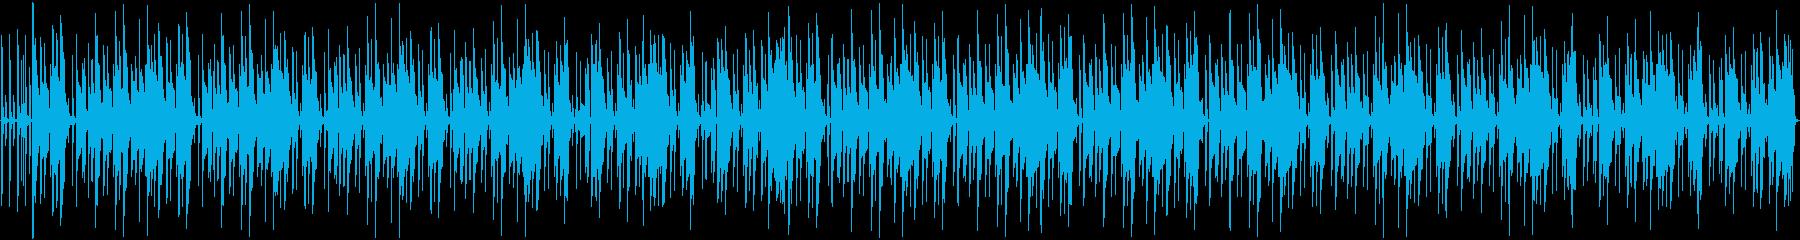 ループ可能なエレクトロ日常・雑談BGMの再生済みの波形